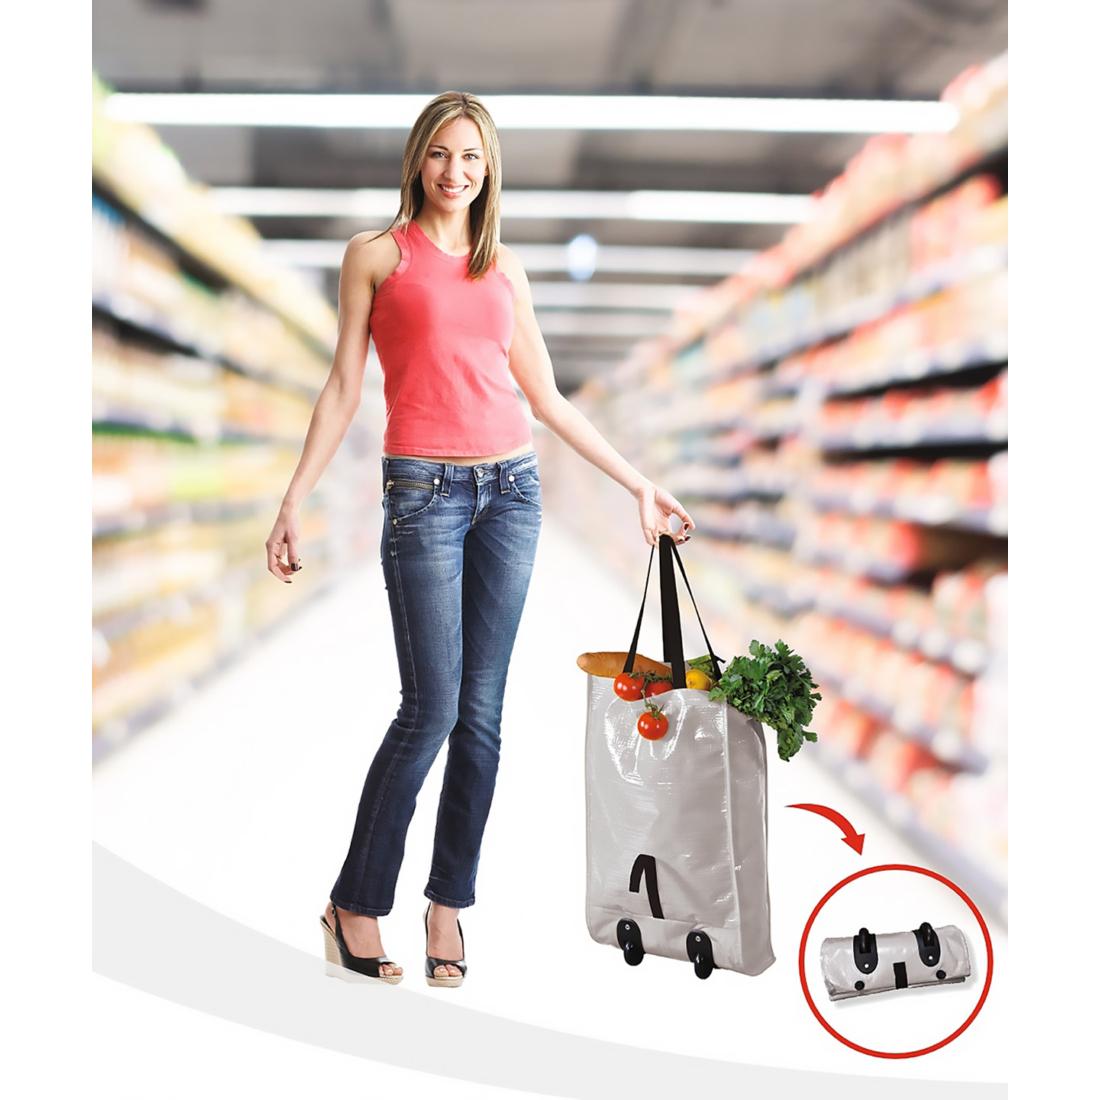 Összecsukható gurulós bevásárlótáska - szürke